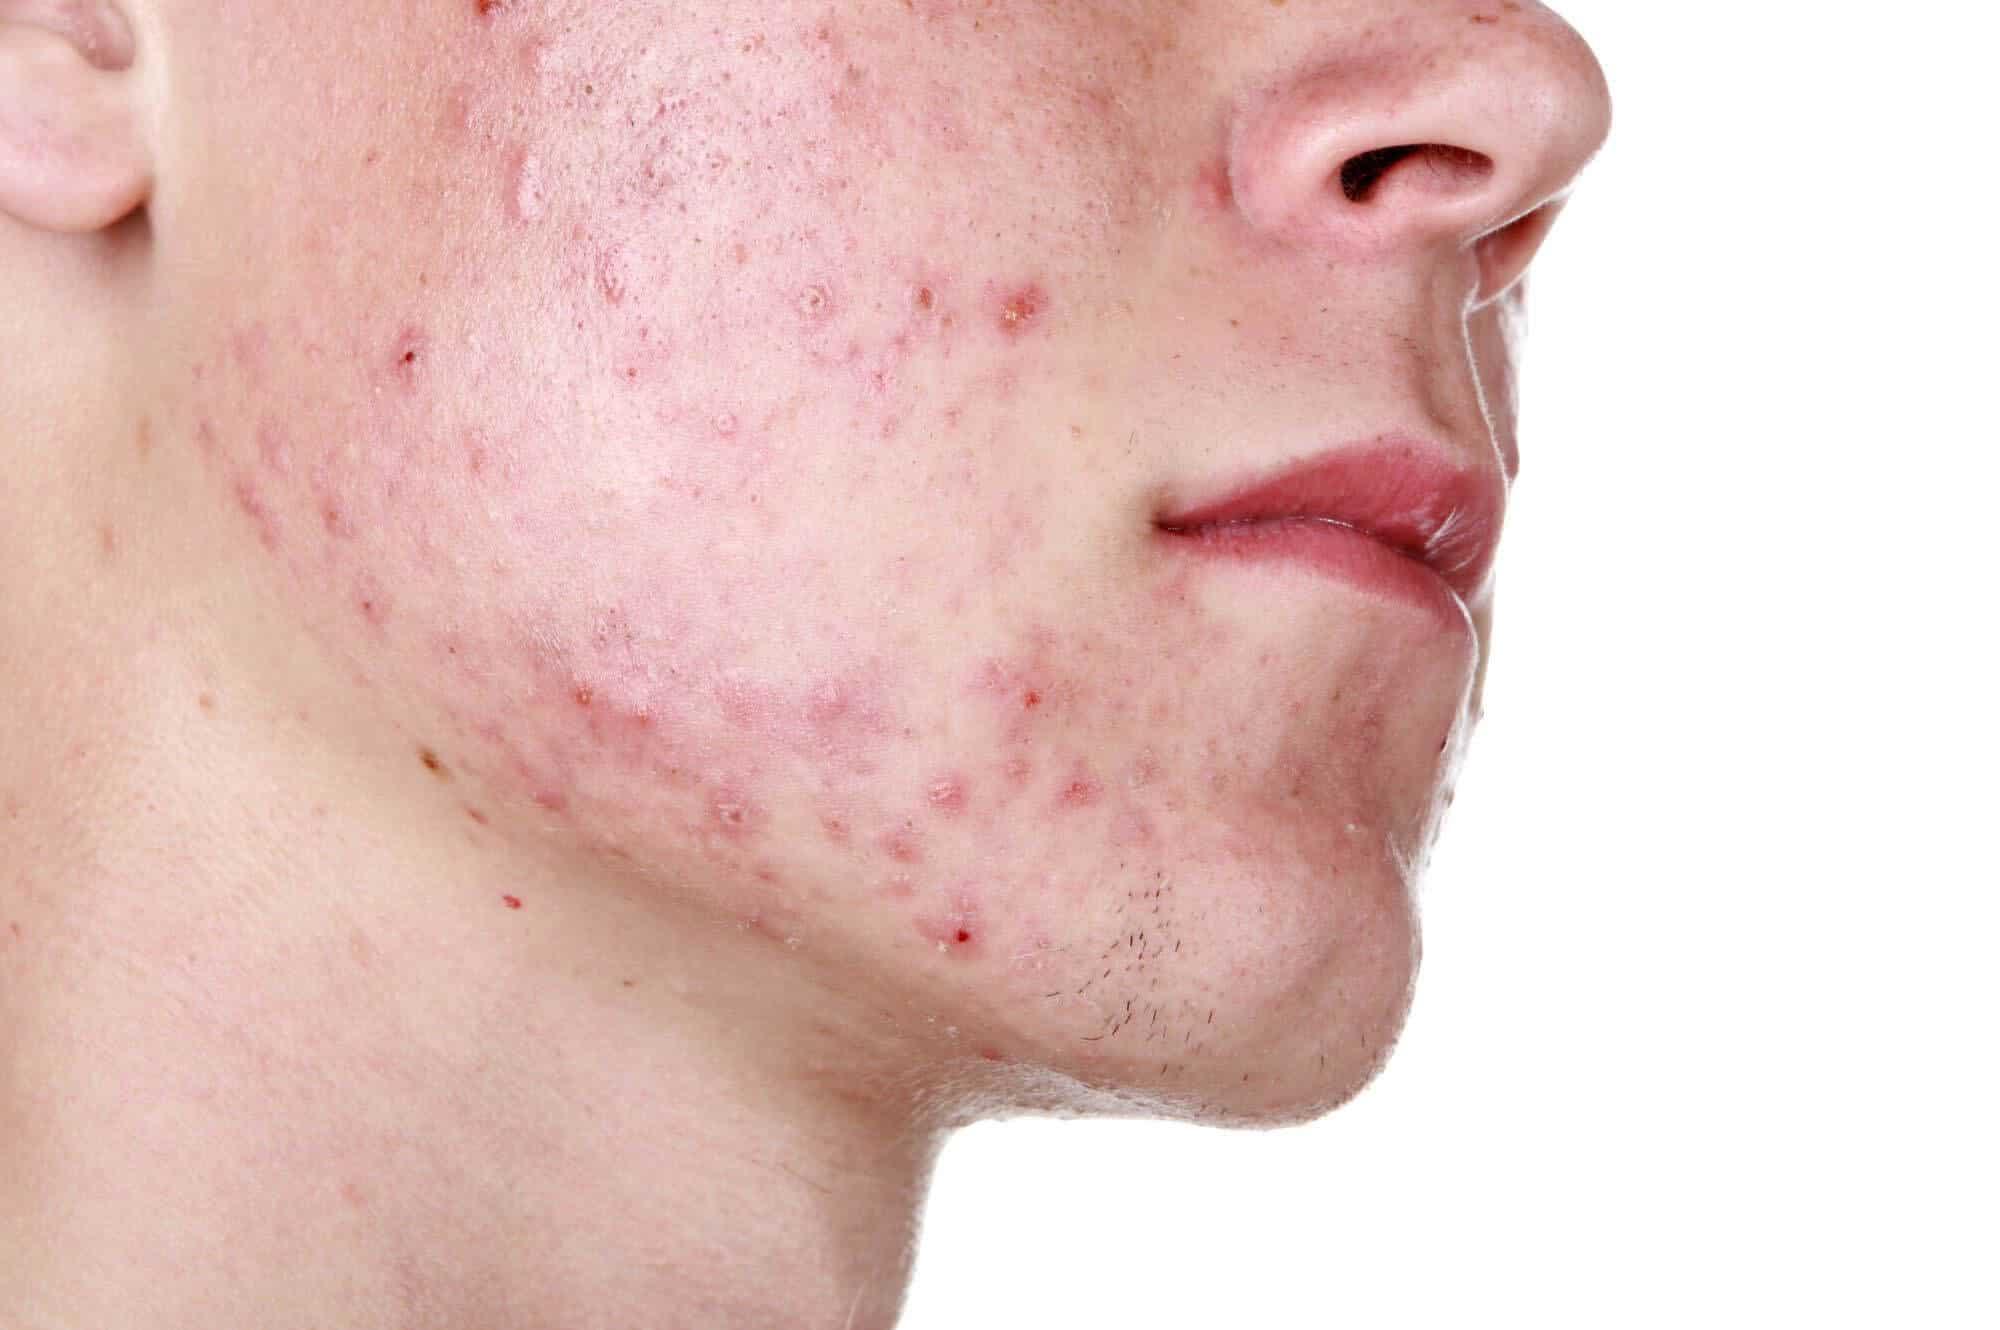 Η κυστική ακμή δημιουργείται ότανμικρές κοκκινωπές διογκώσεις ή αλλιώς οζίδια σχηματίζονταιένα έως δύο χιλιοστά κάτω από την επιφάνεια του δέρματος.